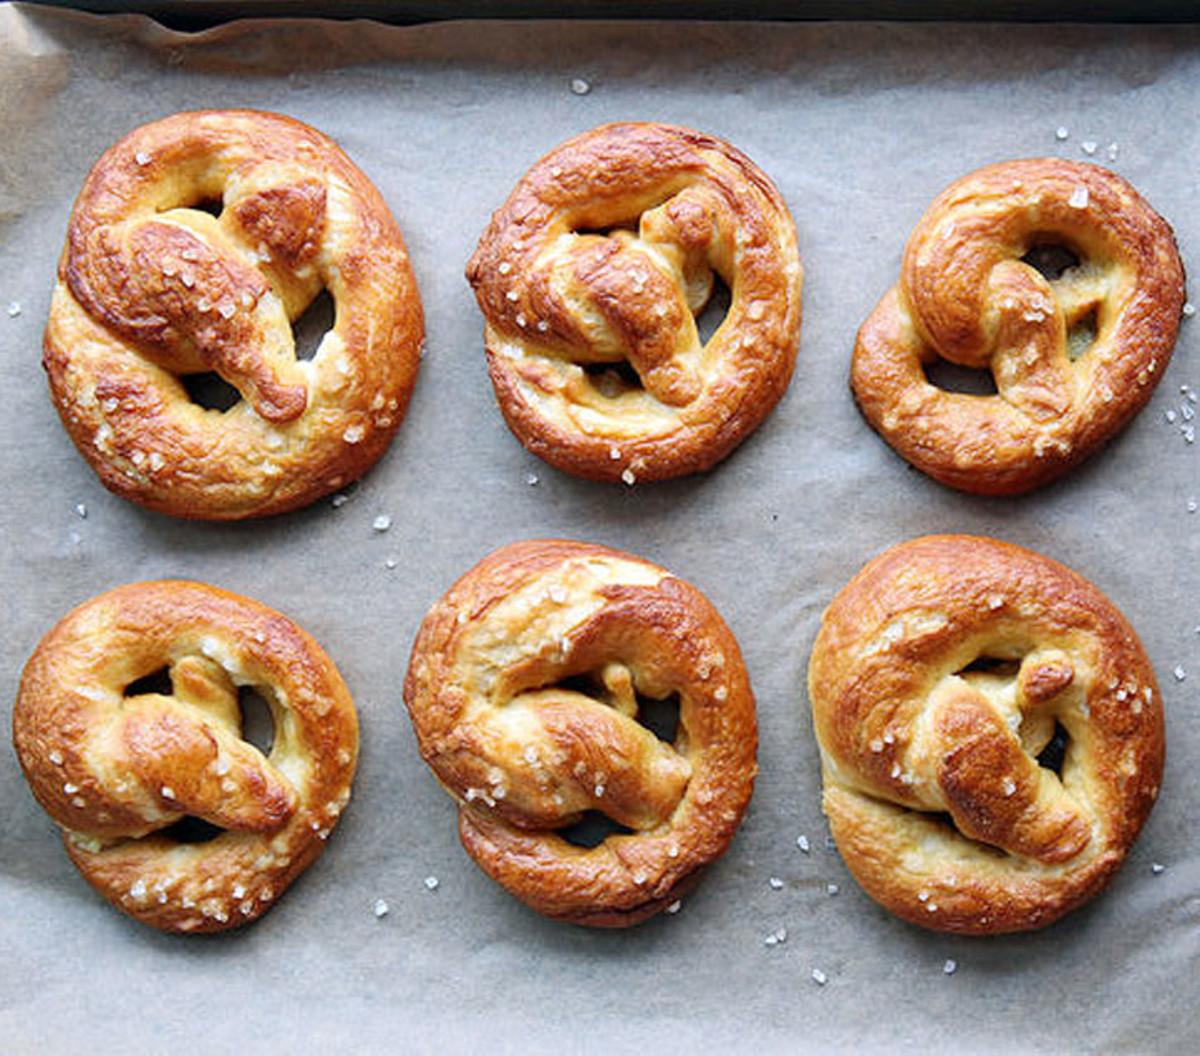 super-bowl-recipes-soft-pretzels-edit.jpg